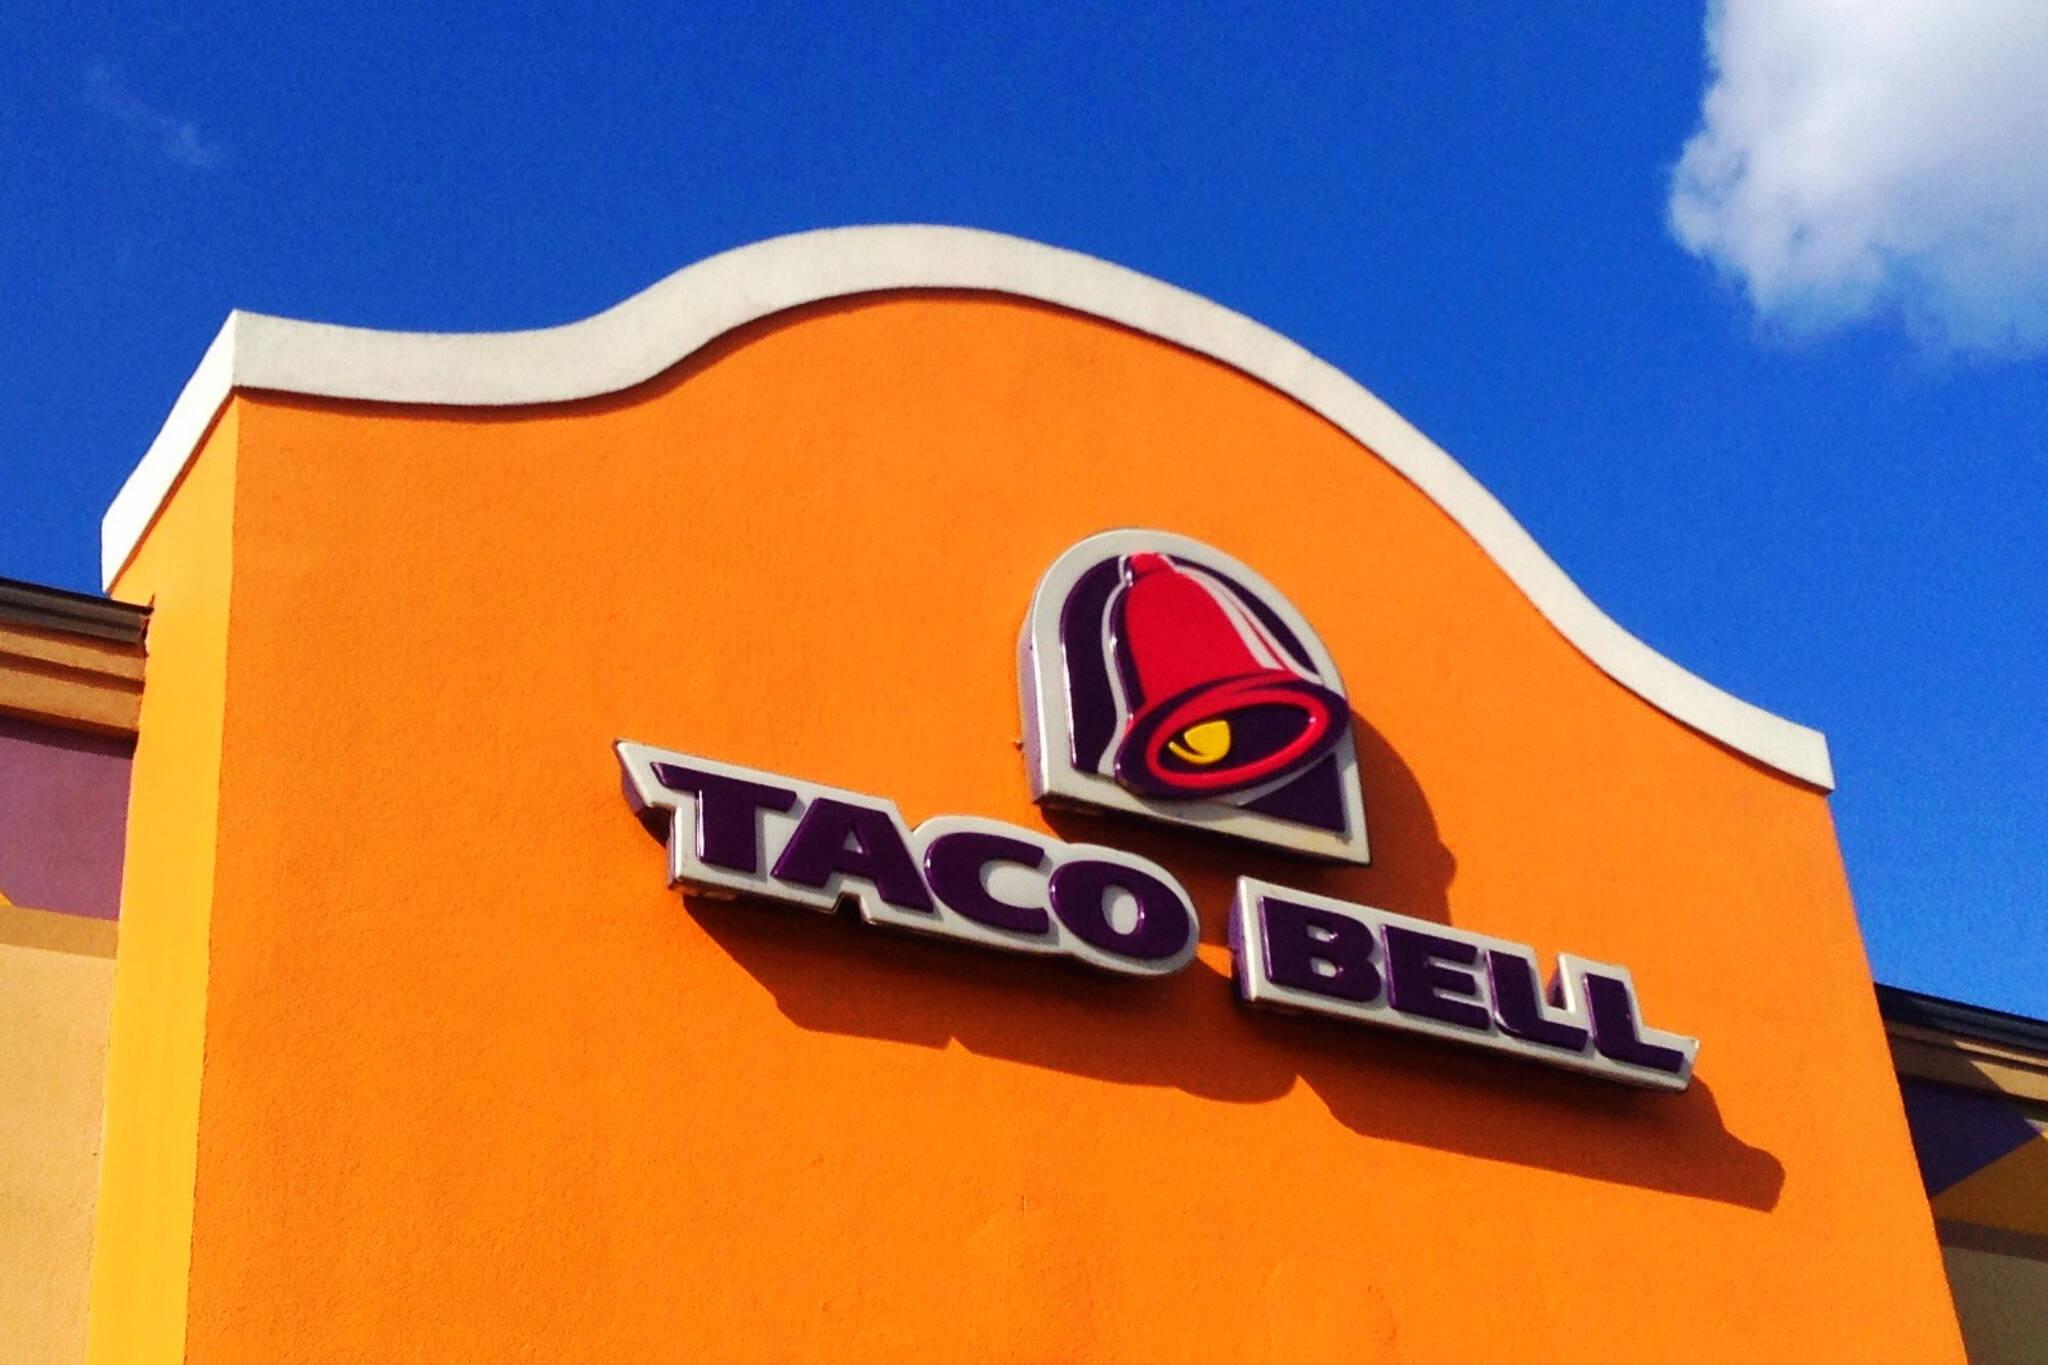 taco bell trump